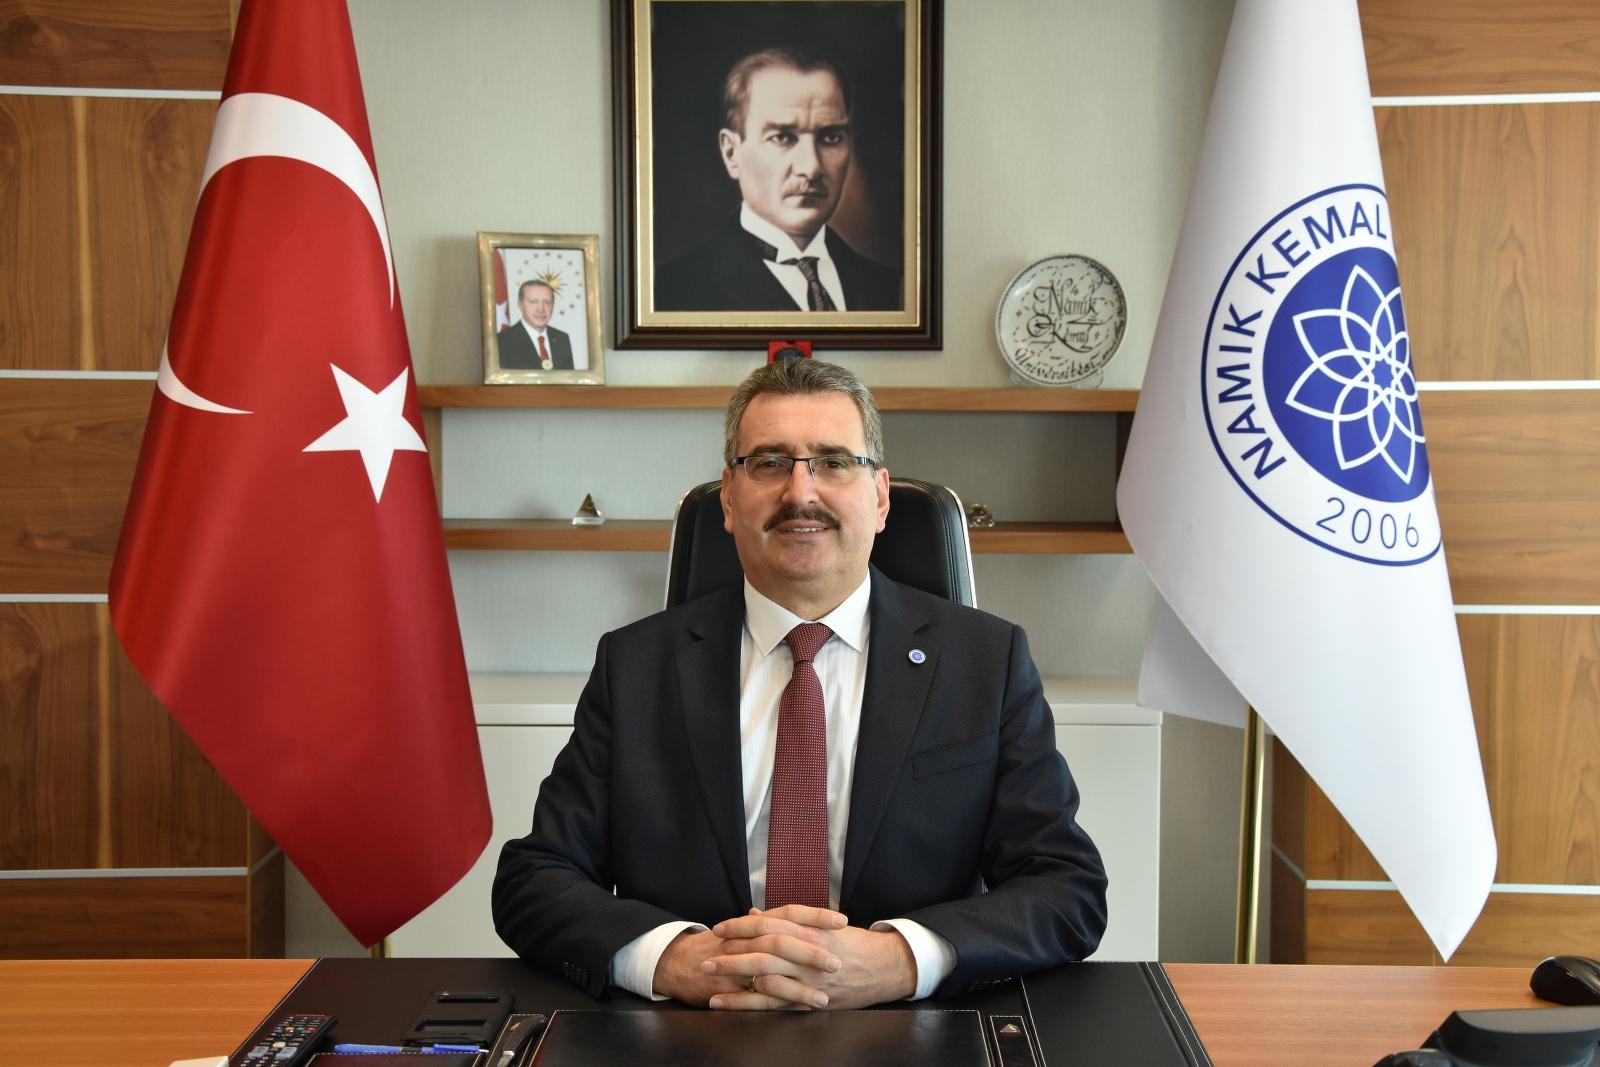 Namık Kemal Üniversitesi Rektörü Prof. Dr. Mümin ŞAHİN'in '18 Mart Çanakkale Zaferi ve Şehitleri Anma Günü' Mesajı